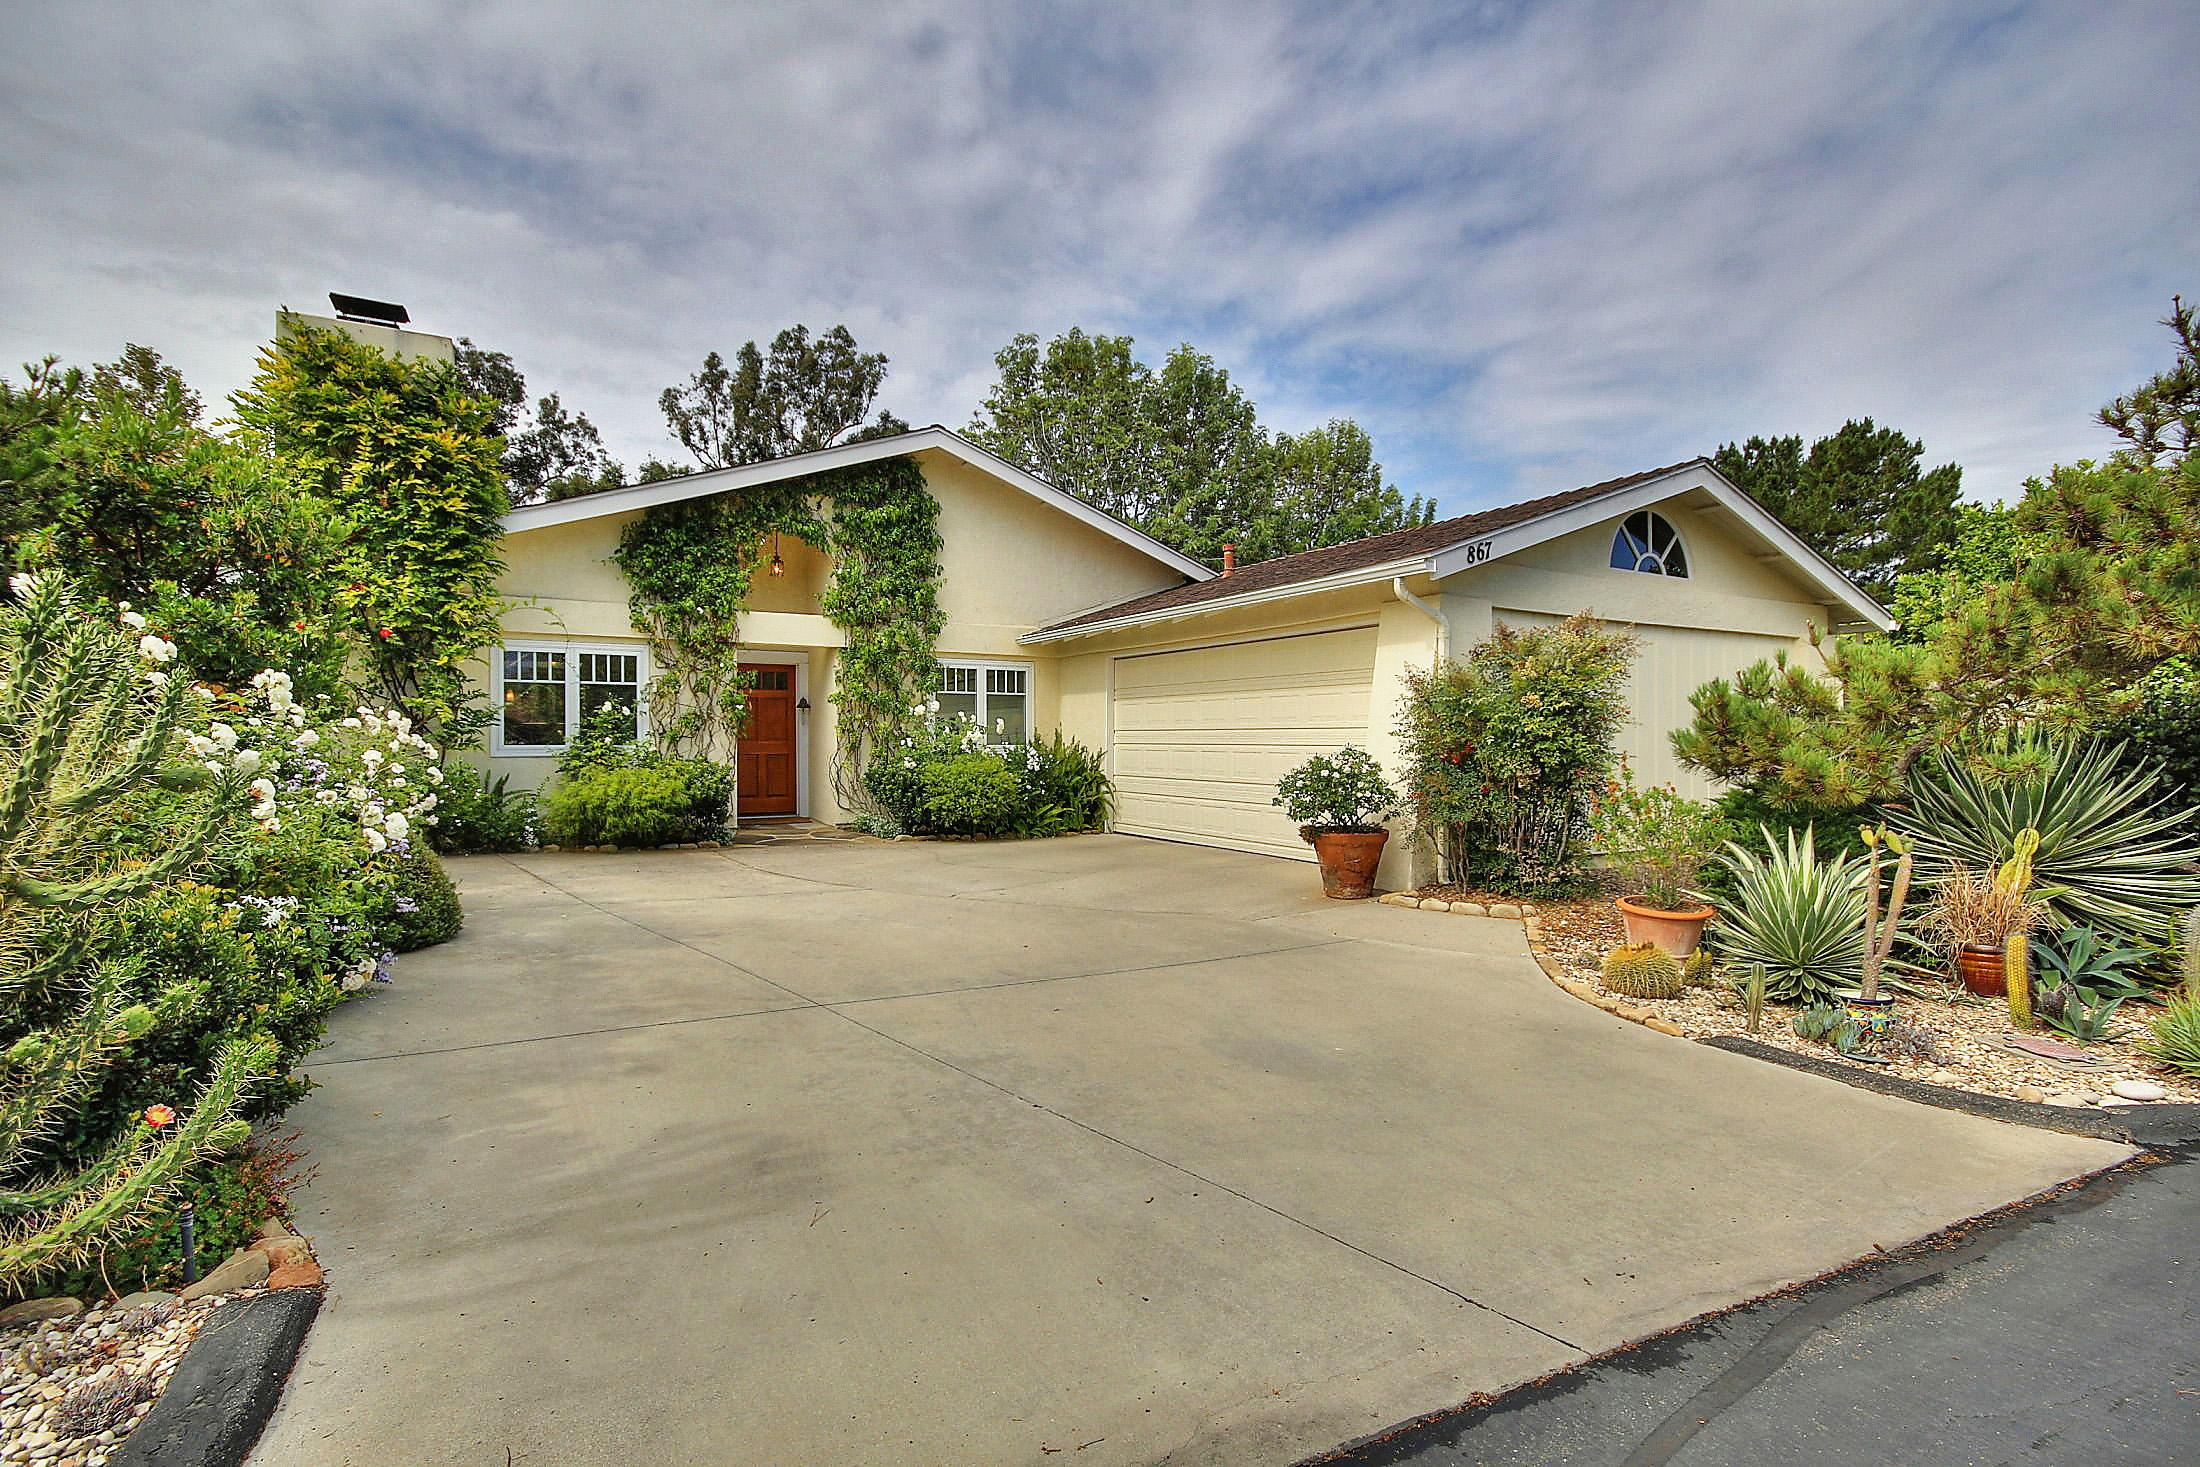 Property photo for 867 Via Abajo Santa Barbara, California 93110 - 15-2467